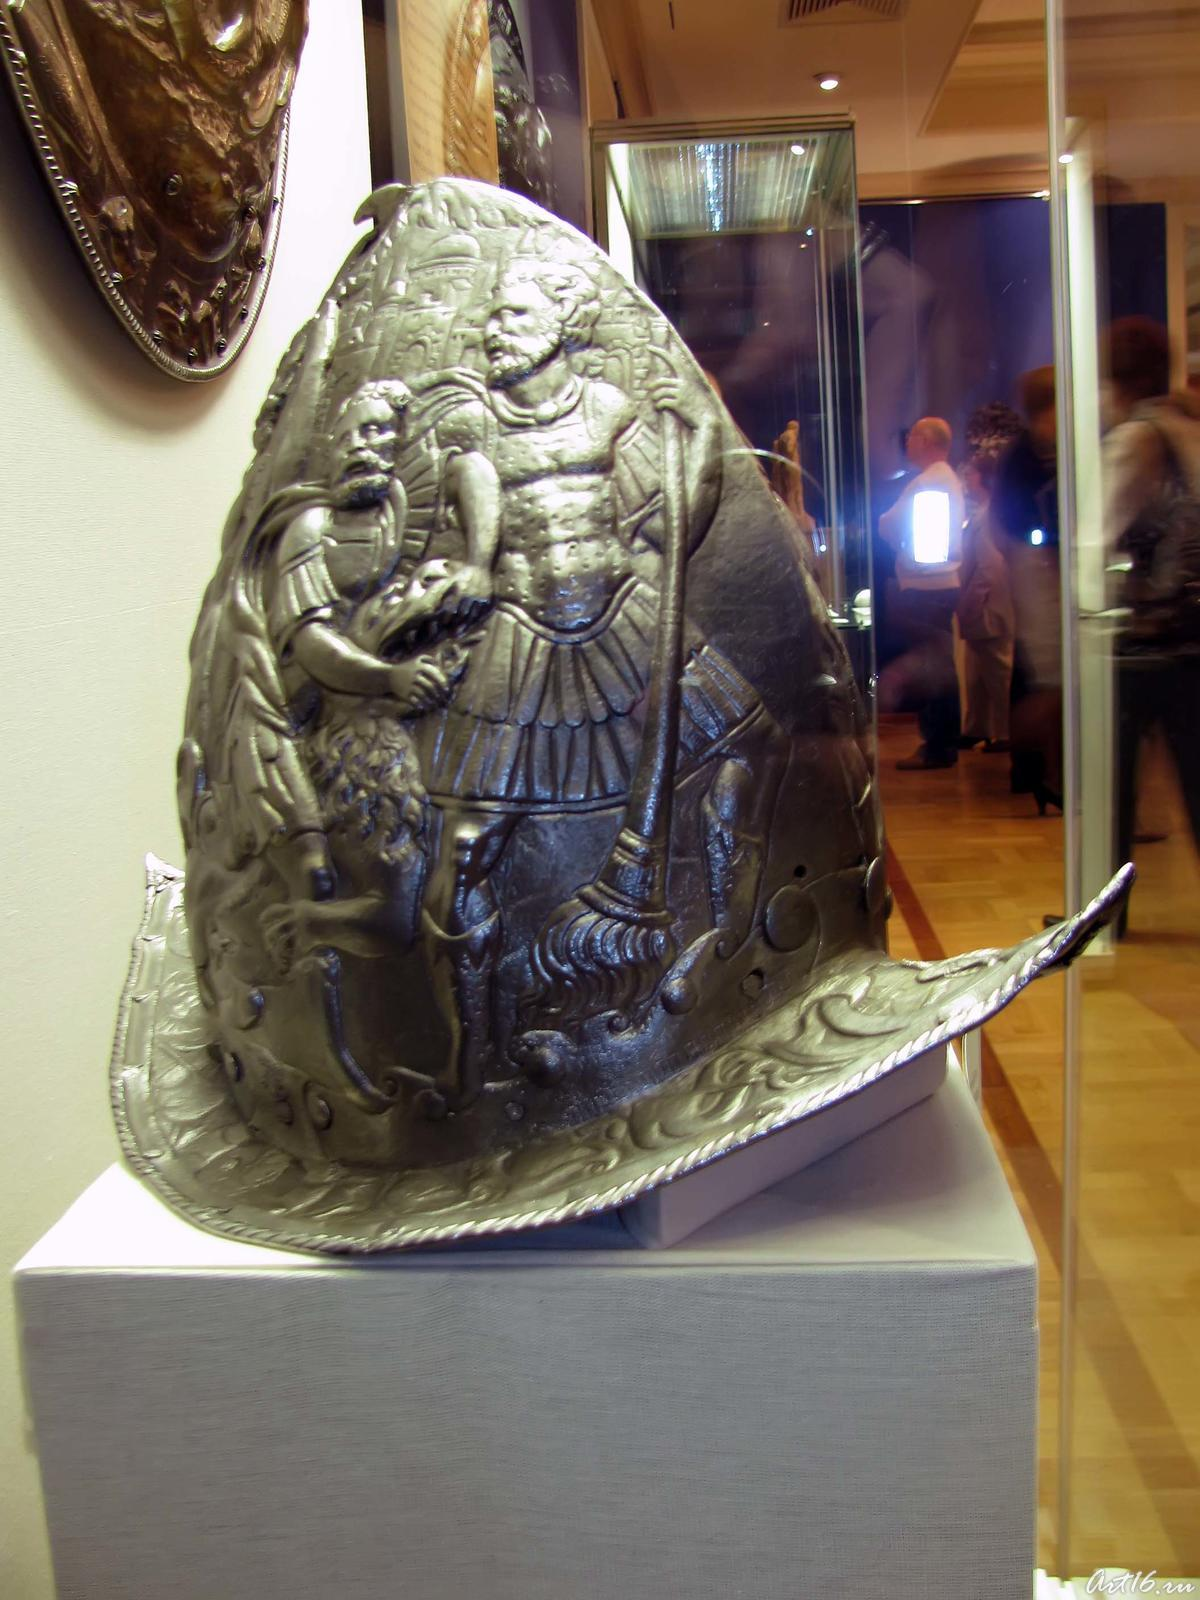 Фото №35504. Шлем-Морион с изображением подвигов Геракла